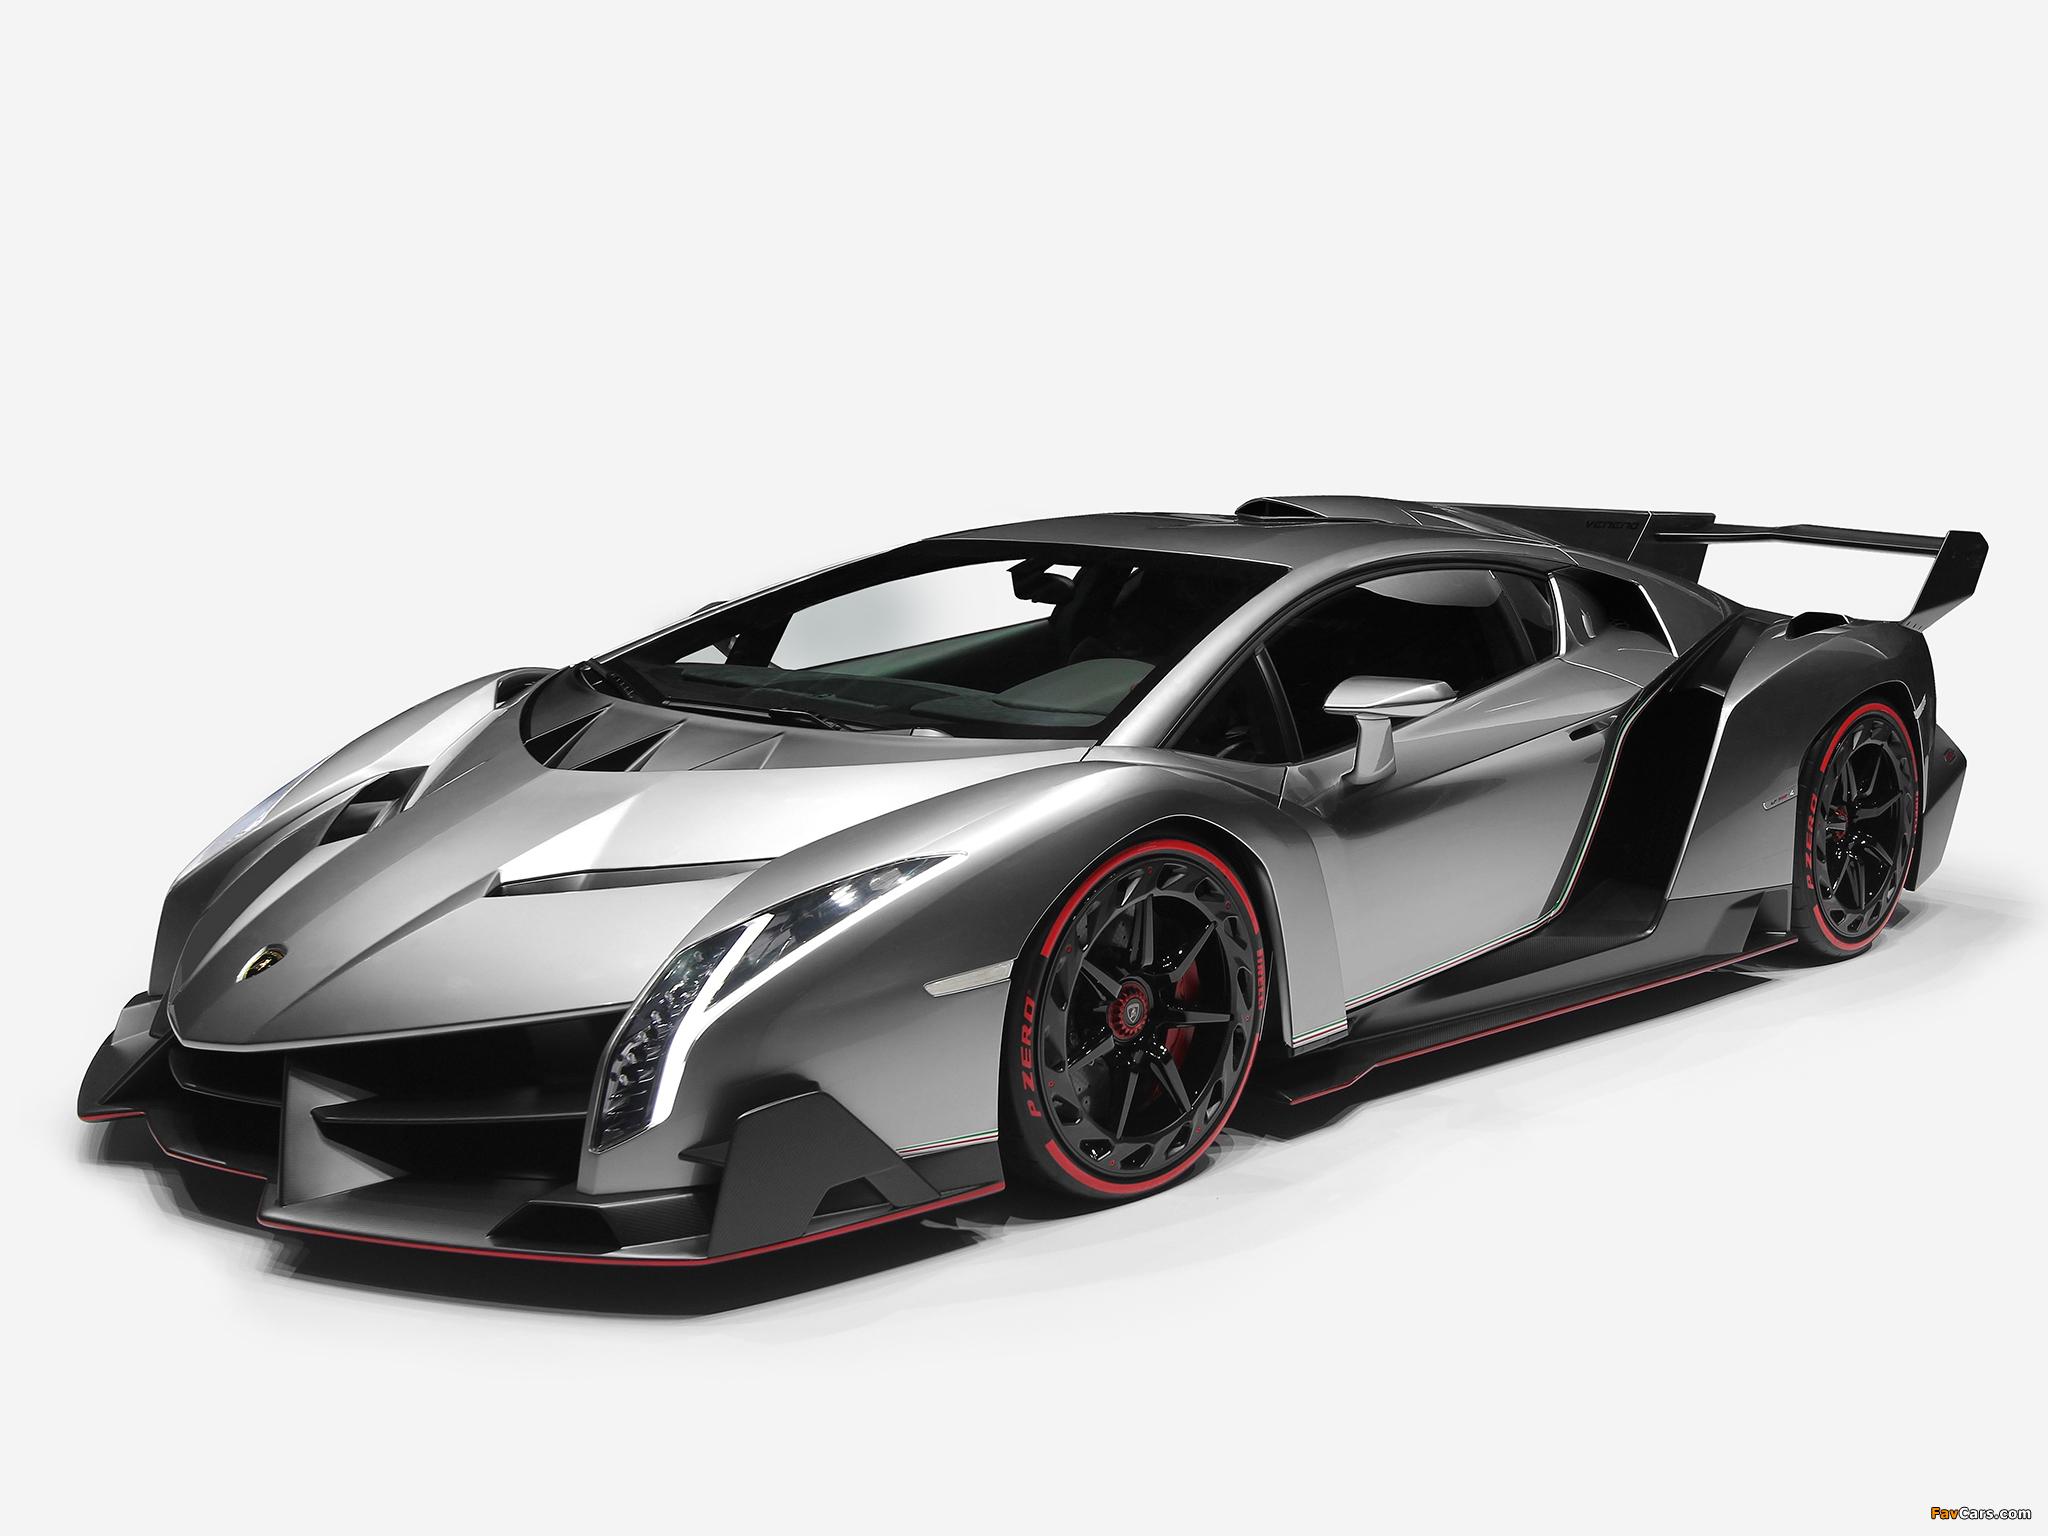 Lamborghini Veneno 2013 images (2048 x 1536)